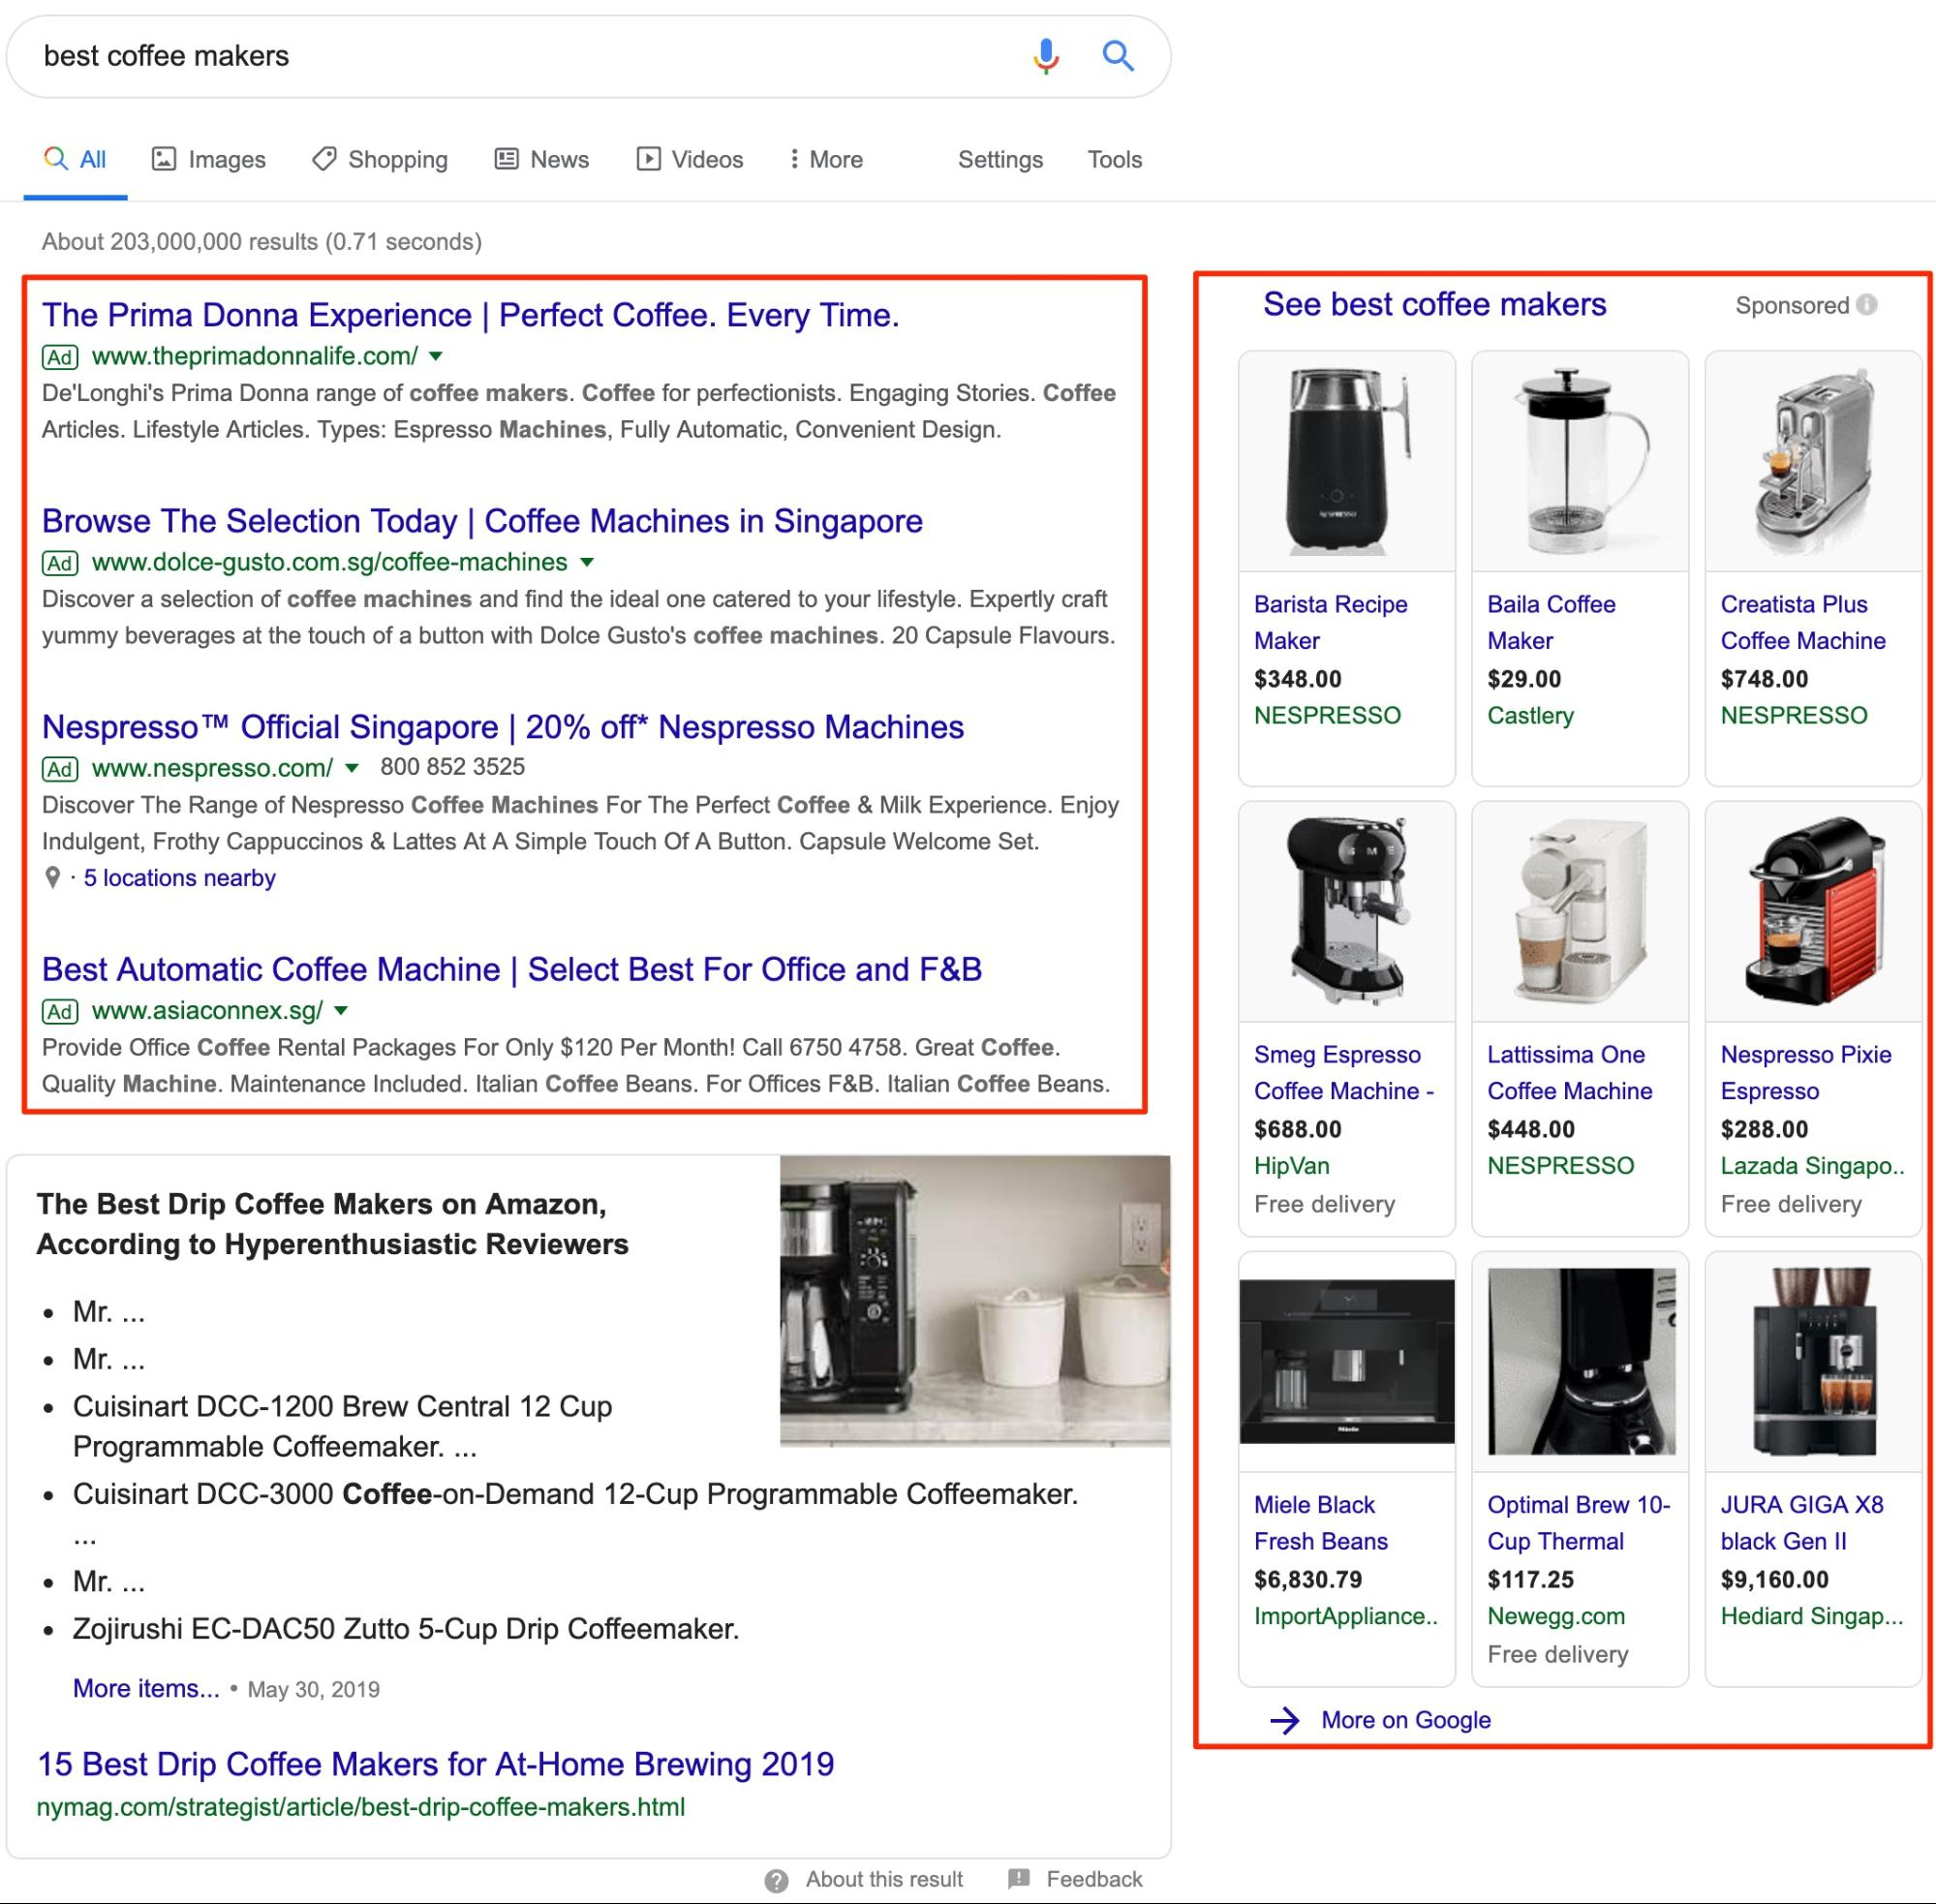 PPC zadetki na Google iskalniku - Spletnik blog